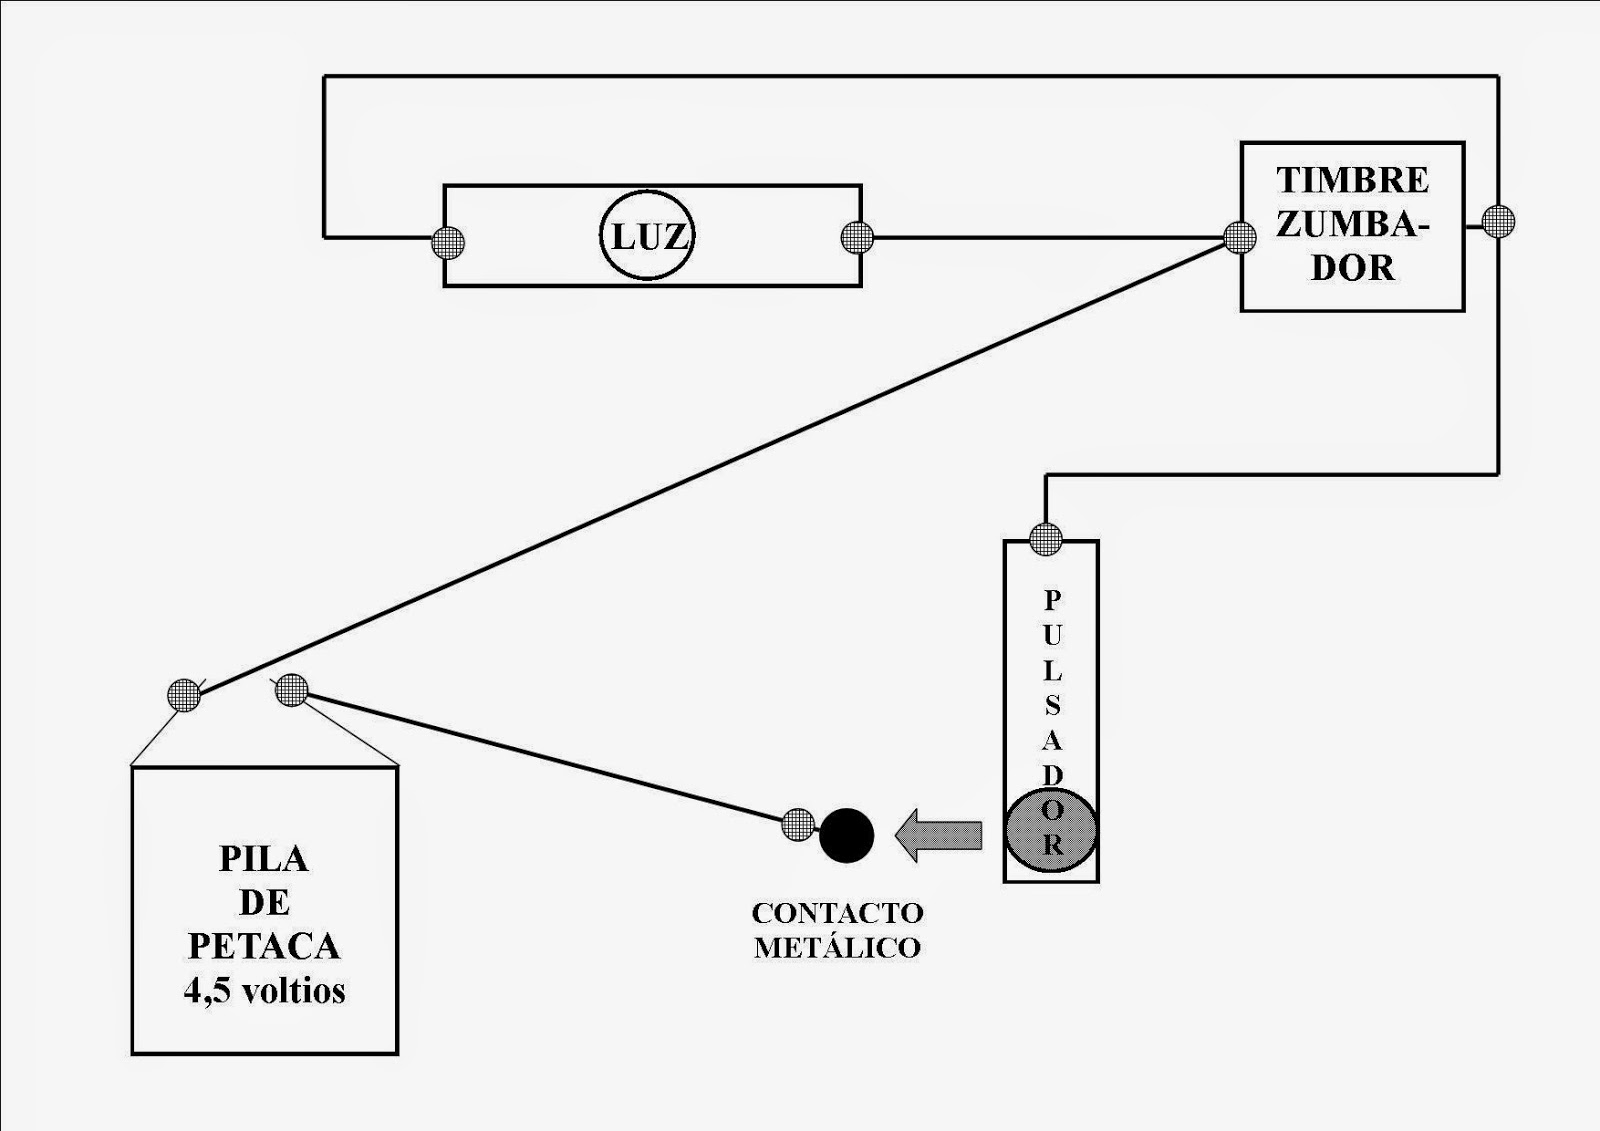 Manual del científico: Telégrafo: Esquema del circuito